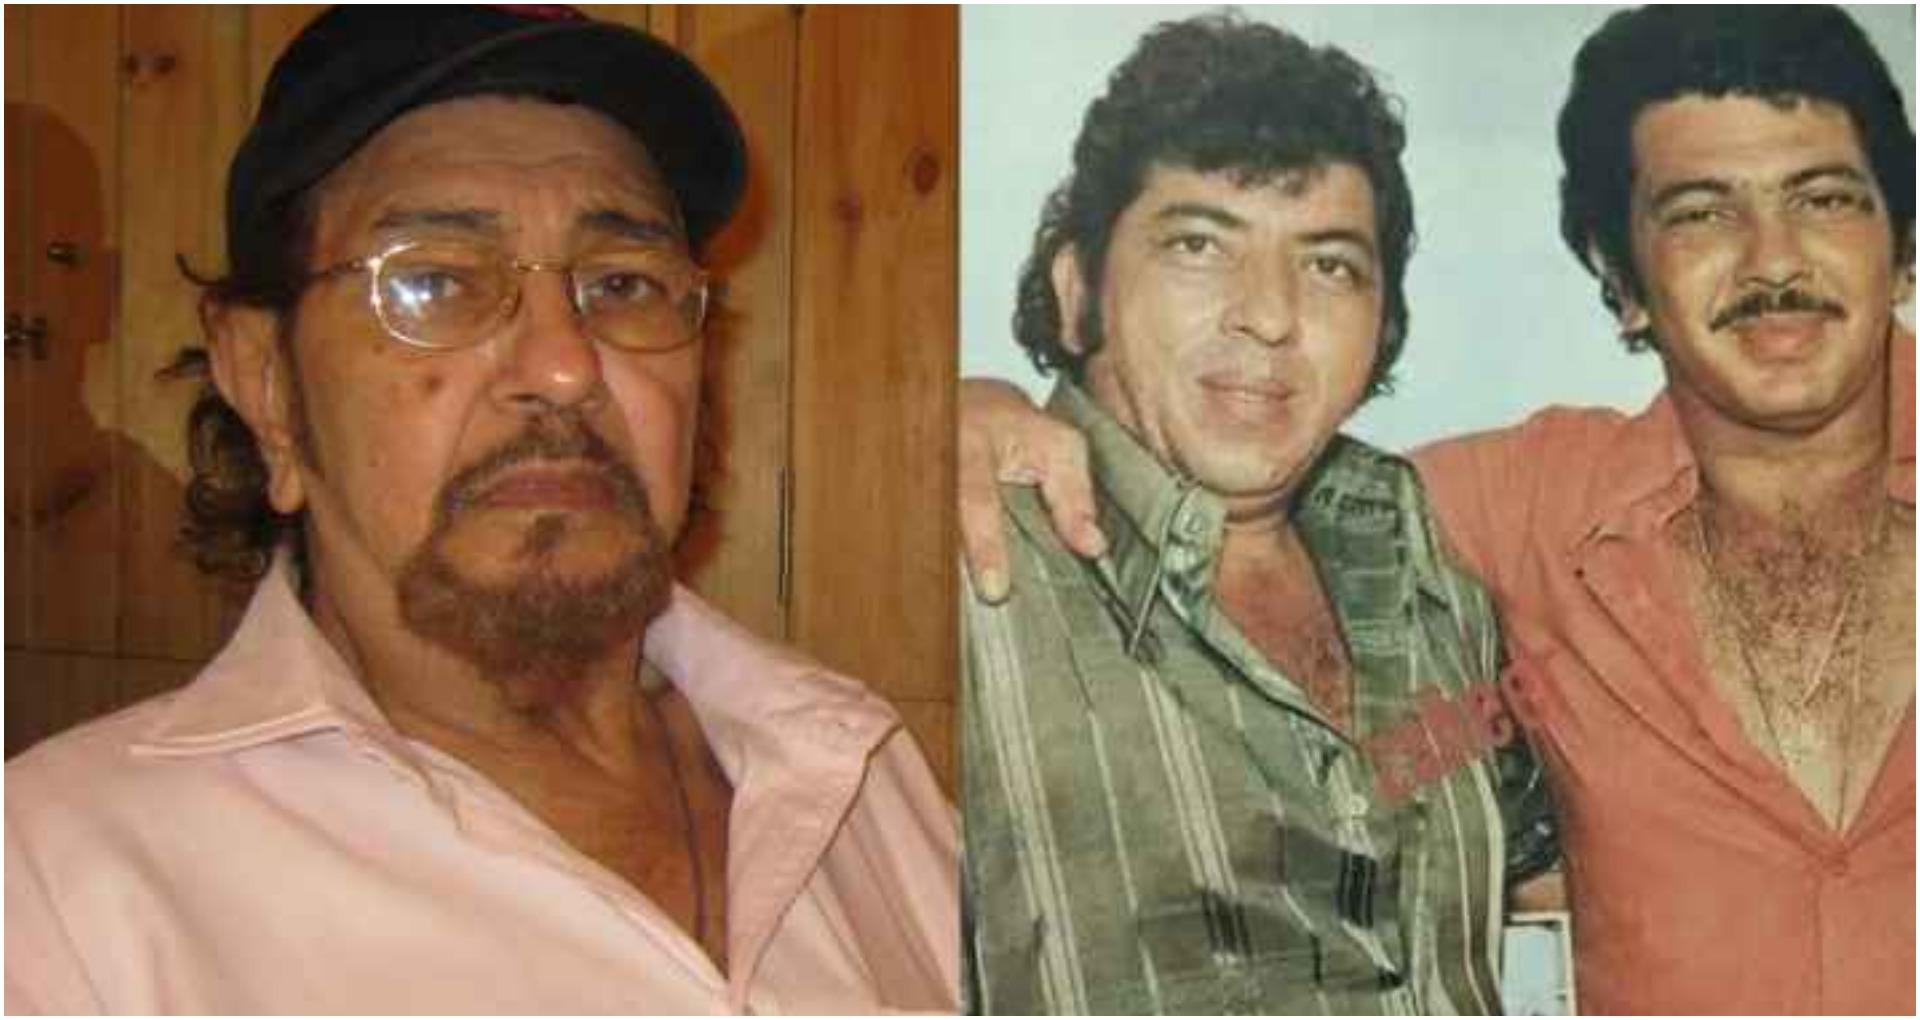 बॉलीवुड में विलेन के किरदार में एक अलग पहचान बनाने वाले अमजद खान (Amjad khan) के भाई और अपने दौर के मशहूर अभिनेता रहे जयंत (Jayant) के बेटे इम्तियाज खान (Imtiaz Khan) का सोमवार 15 मार्च की शाम को हार्ट अटैक के चलते मुंबई में अपने घर पर निधन हो गया। इम्तियाज़ 77 साल के थे। इम्तियाज़ टीवी एक्ट्रेस कृतिका के पति थे। इम्तियाज़ के निधन से बॉलीवुड में शौक का माहौल है। सोशल मीडिया पर बड़े बड़े सेलेब्स दुःख प्रकट कर रहे हैं। इम्तियाज खान को अपने बड़े भाई अमजद खान की तरह लोकप्रियता तो हासिल नहीं हुई लेकिन फिल्मों में उनकी अलग पहचान थी। उन्होंने कई फिल्मों में काम किया था। 'यादों की बारात' को आज भी उनके काम की अब भी तारीफ़ की जाती है। बता दें इम्तियाज ने टीवी सीरियल्स और गुजराती स्टेज की जानी-मानी एक्टर कृतिका देसाई से शादी की थी। इम्तियाज़ और कृतिका की उम्र में 25 साल का फासला था। इस बारे में एक बार कृतिका ने इंटरव्यू में मेरे पति और मैं एक-दूसरे से काफी अलग हैं। हमारा धर्म, दुनिया को देखने का नजरिया और हमारी खाने-पीने की आदतें (वो मांसाहारी हूं और मैं शाकाहारी) आदि अलग अलग हैं। इसके बाद भी हम खुश हैं क्योंकि हम अपनी आपसी भिन्नता को स्वीकार करते हैं। बता दें दोनों की एक बेटी है जिसका नाम आयशा खान है।